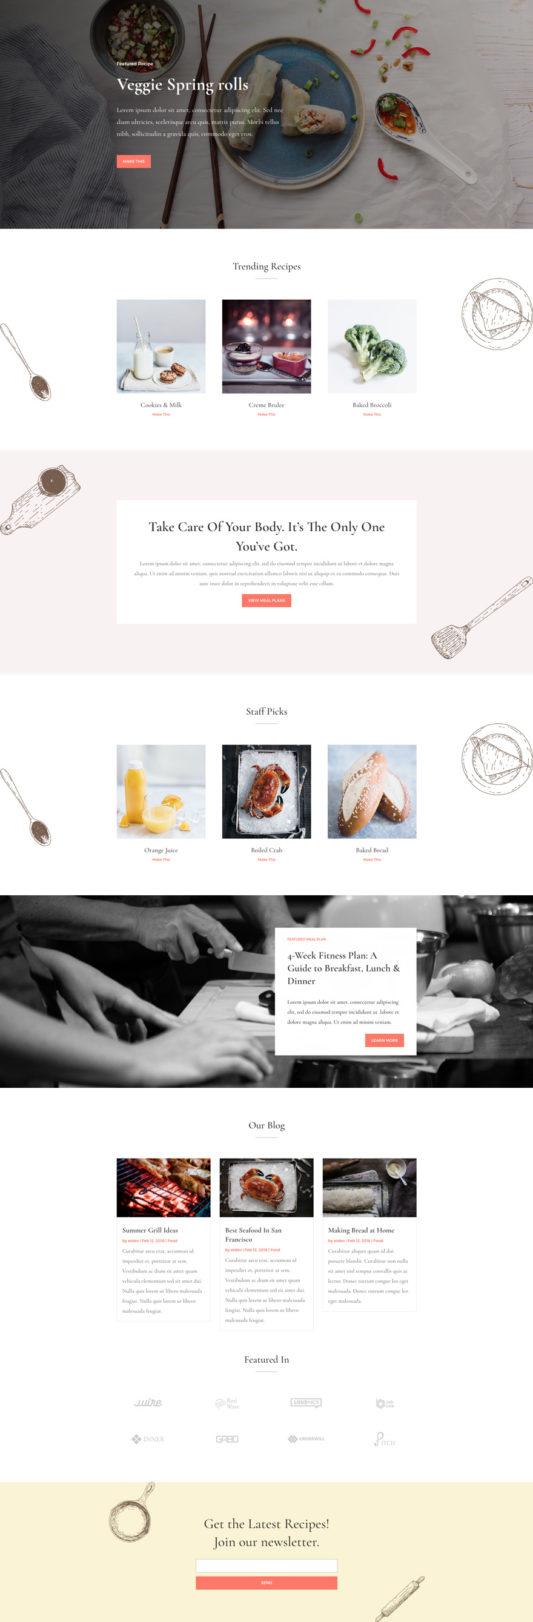 Food Recipes Web Design 5